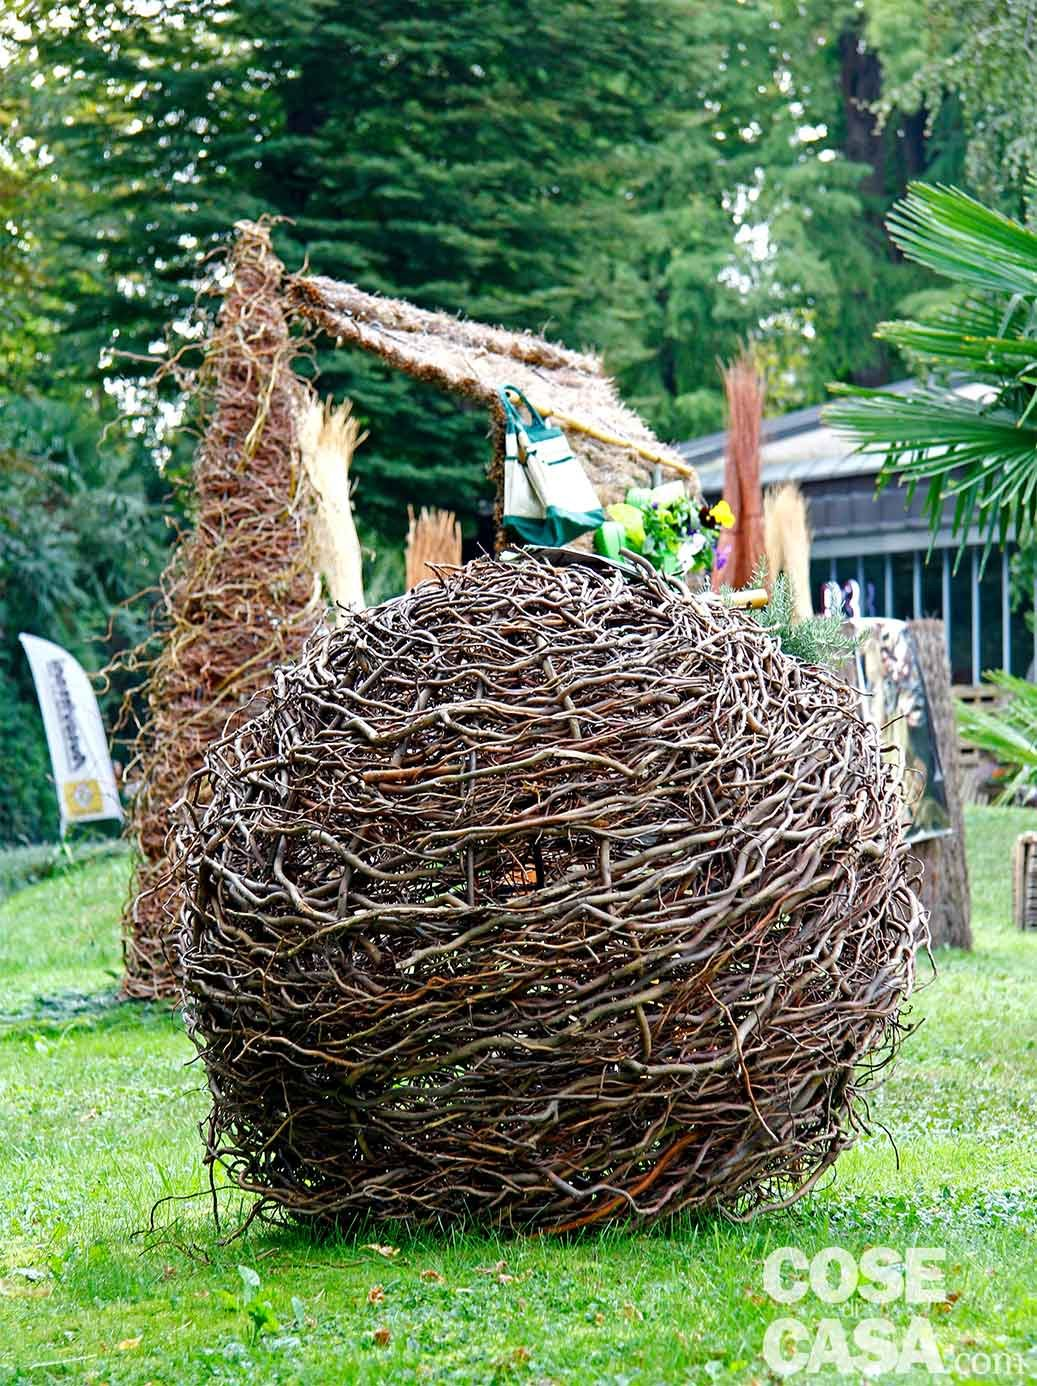 Idee da copiare per valorizzare il giardino cose di casa for Idee per il giardino piccolo